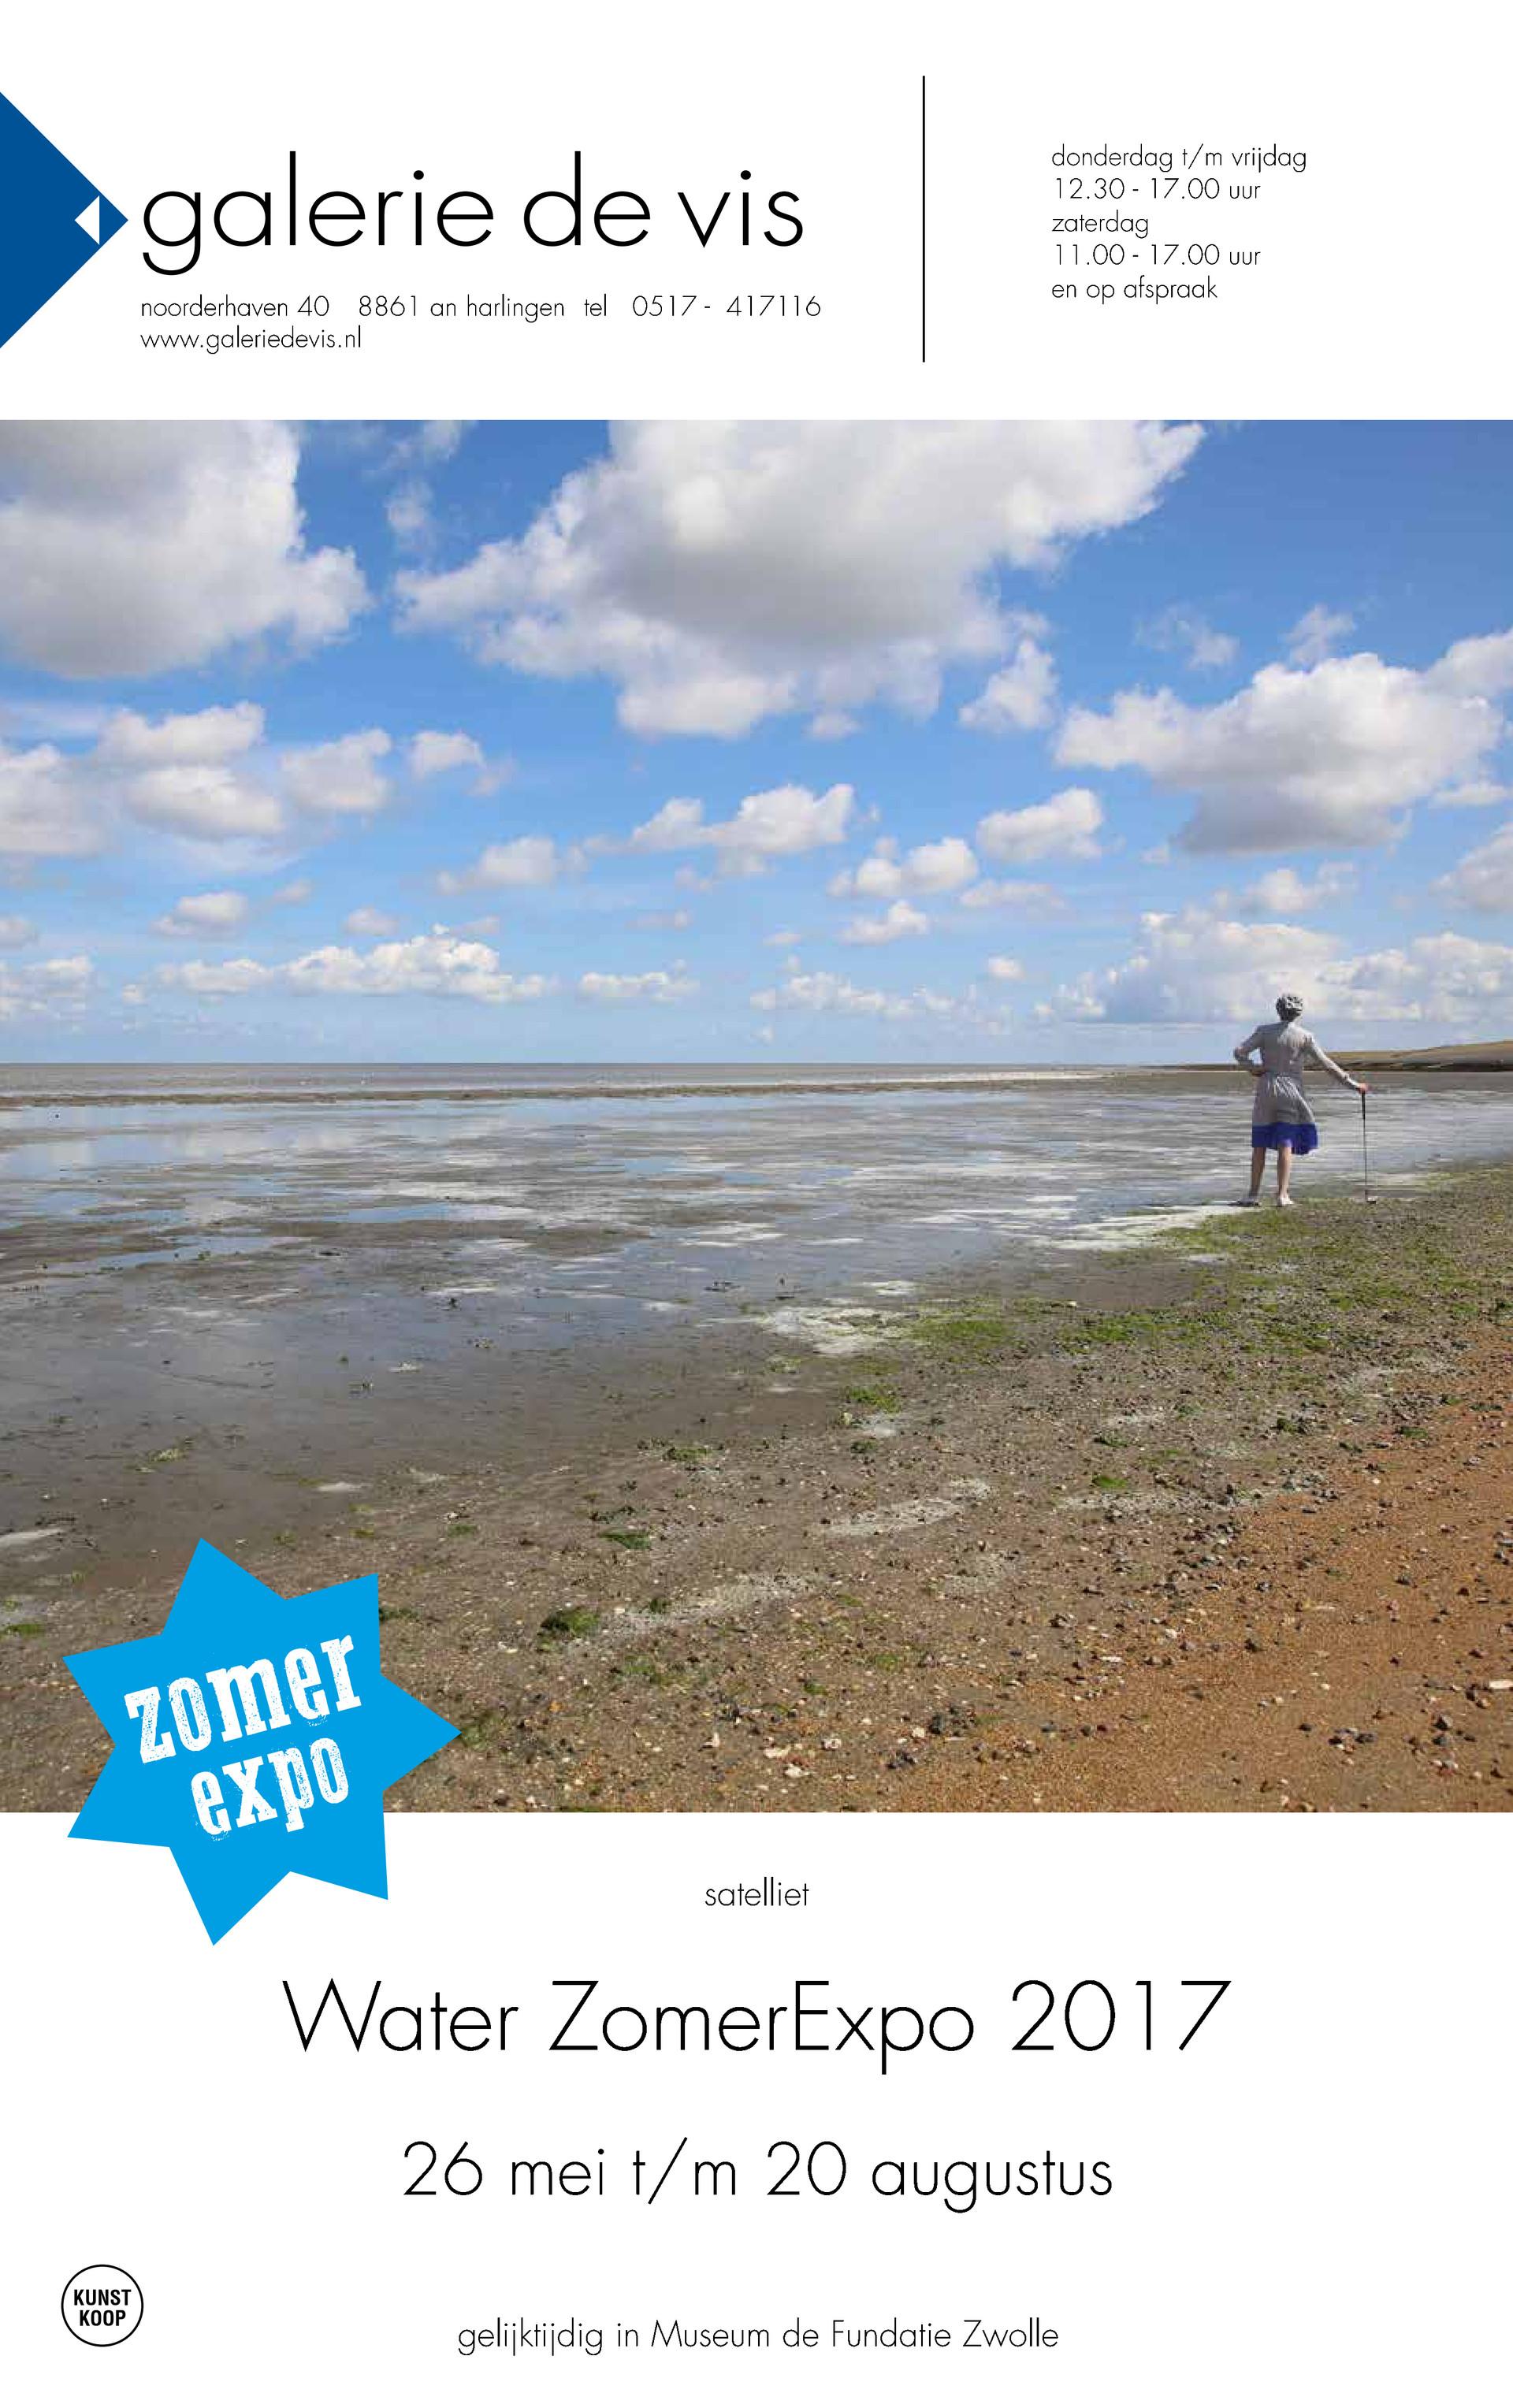 galerie-de-vis-zomerexpo-water.jpg